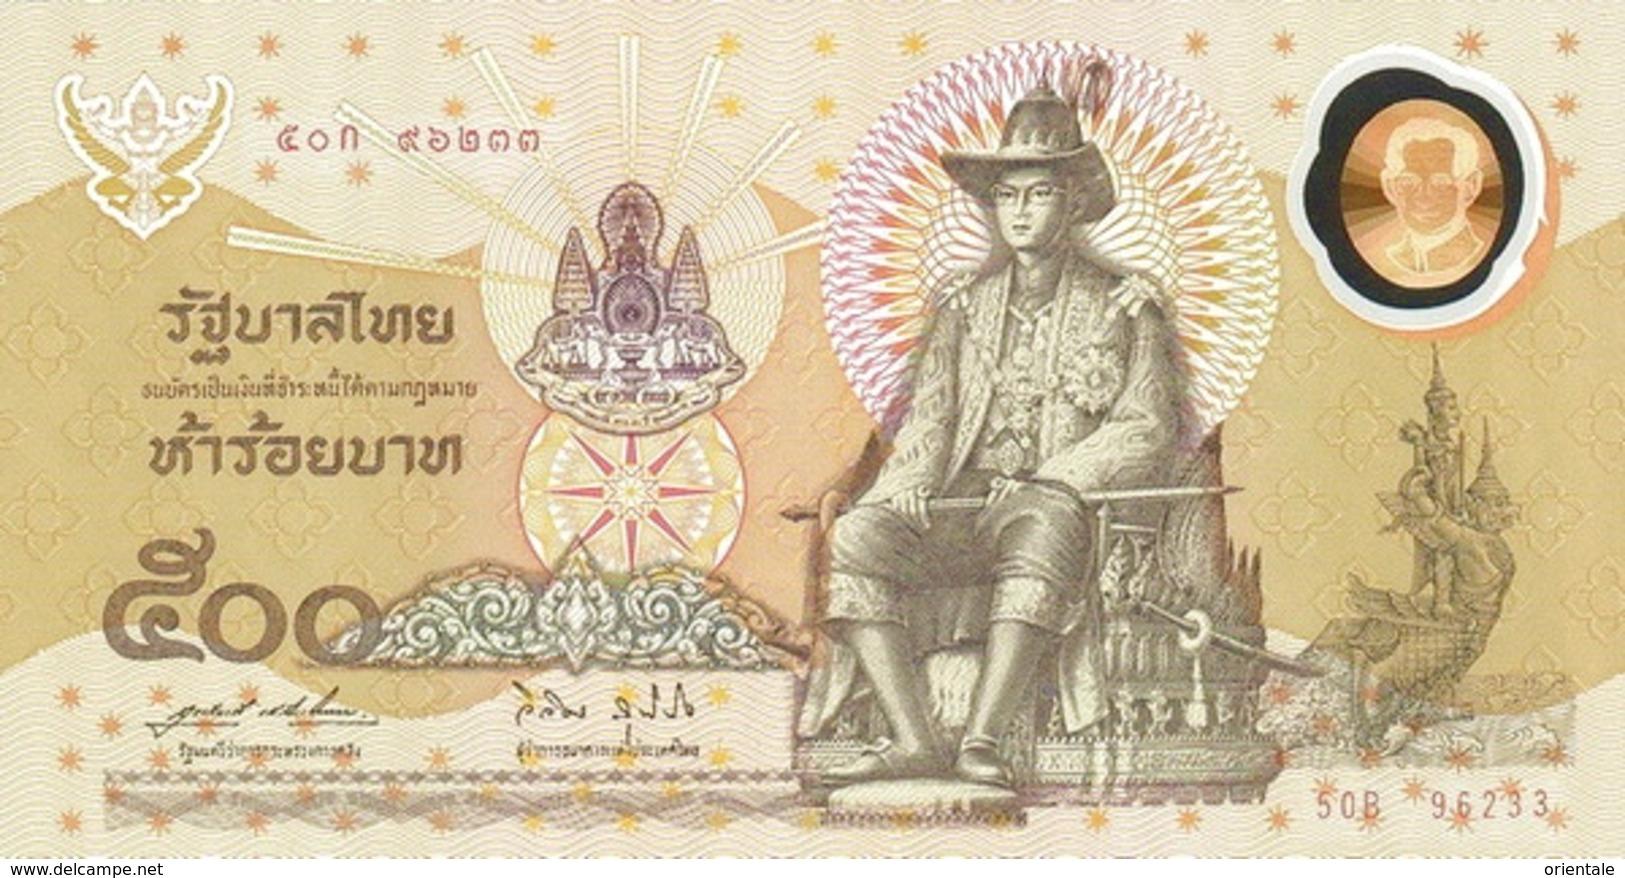 THAILAND P. 101a 500 B 1996 UNC (s. 66) - Thailand